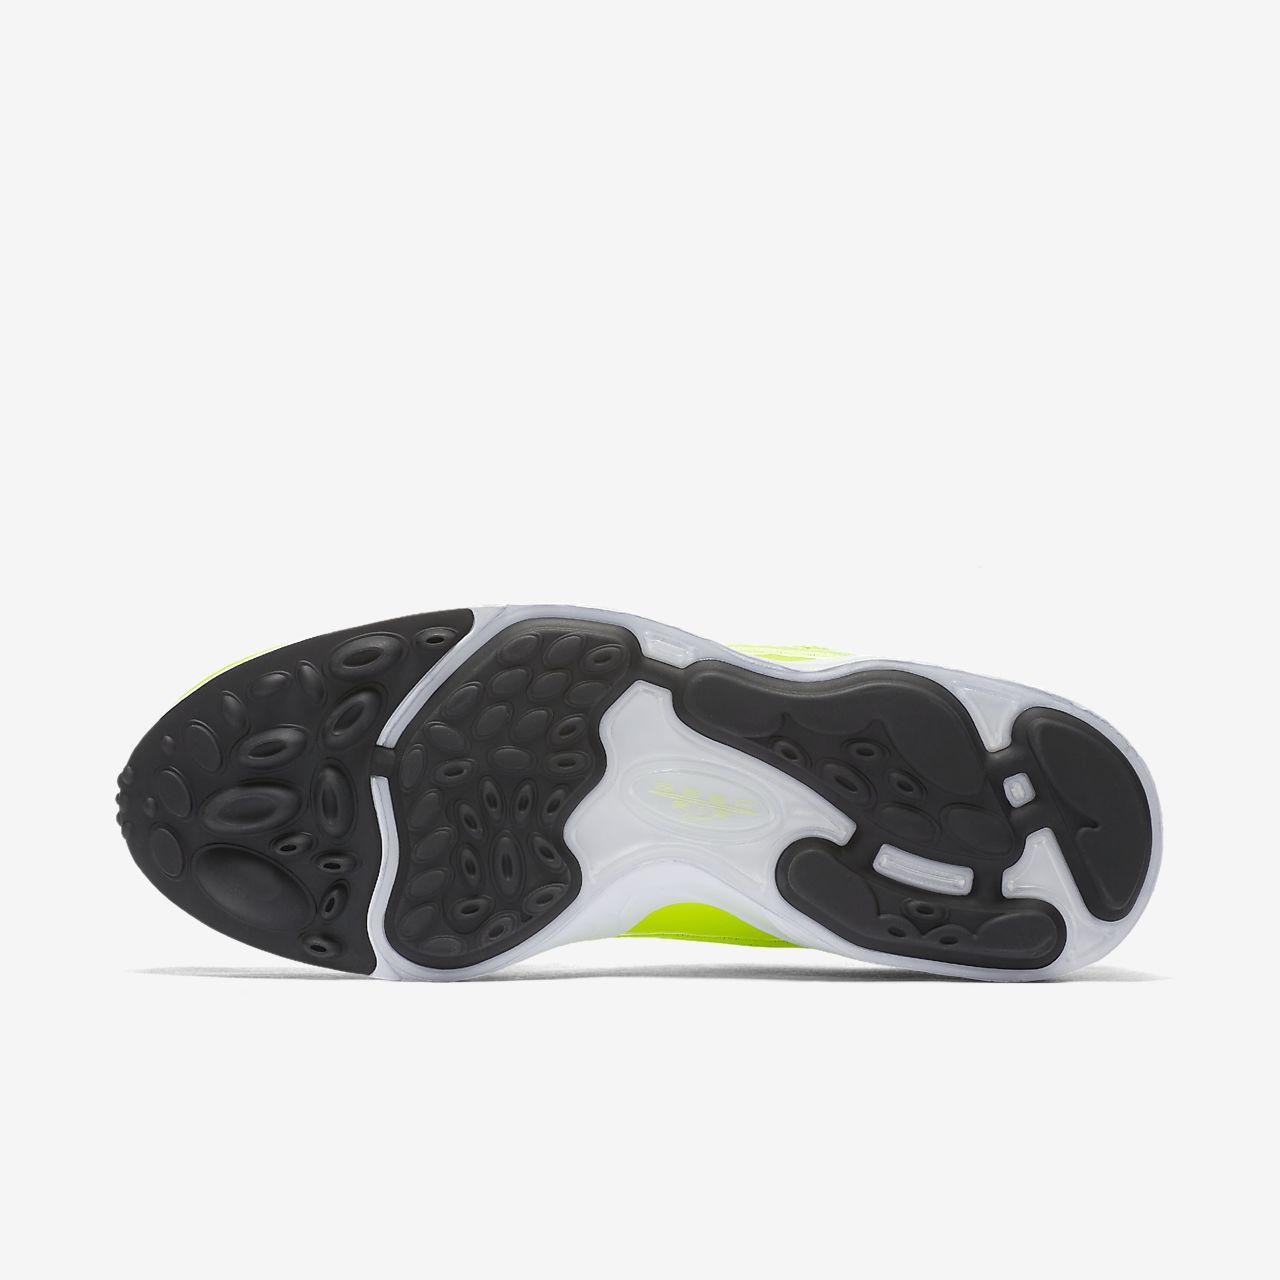 Nike Running Shoe That Cristiano Ronaldo Wear